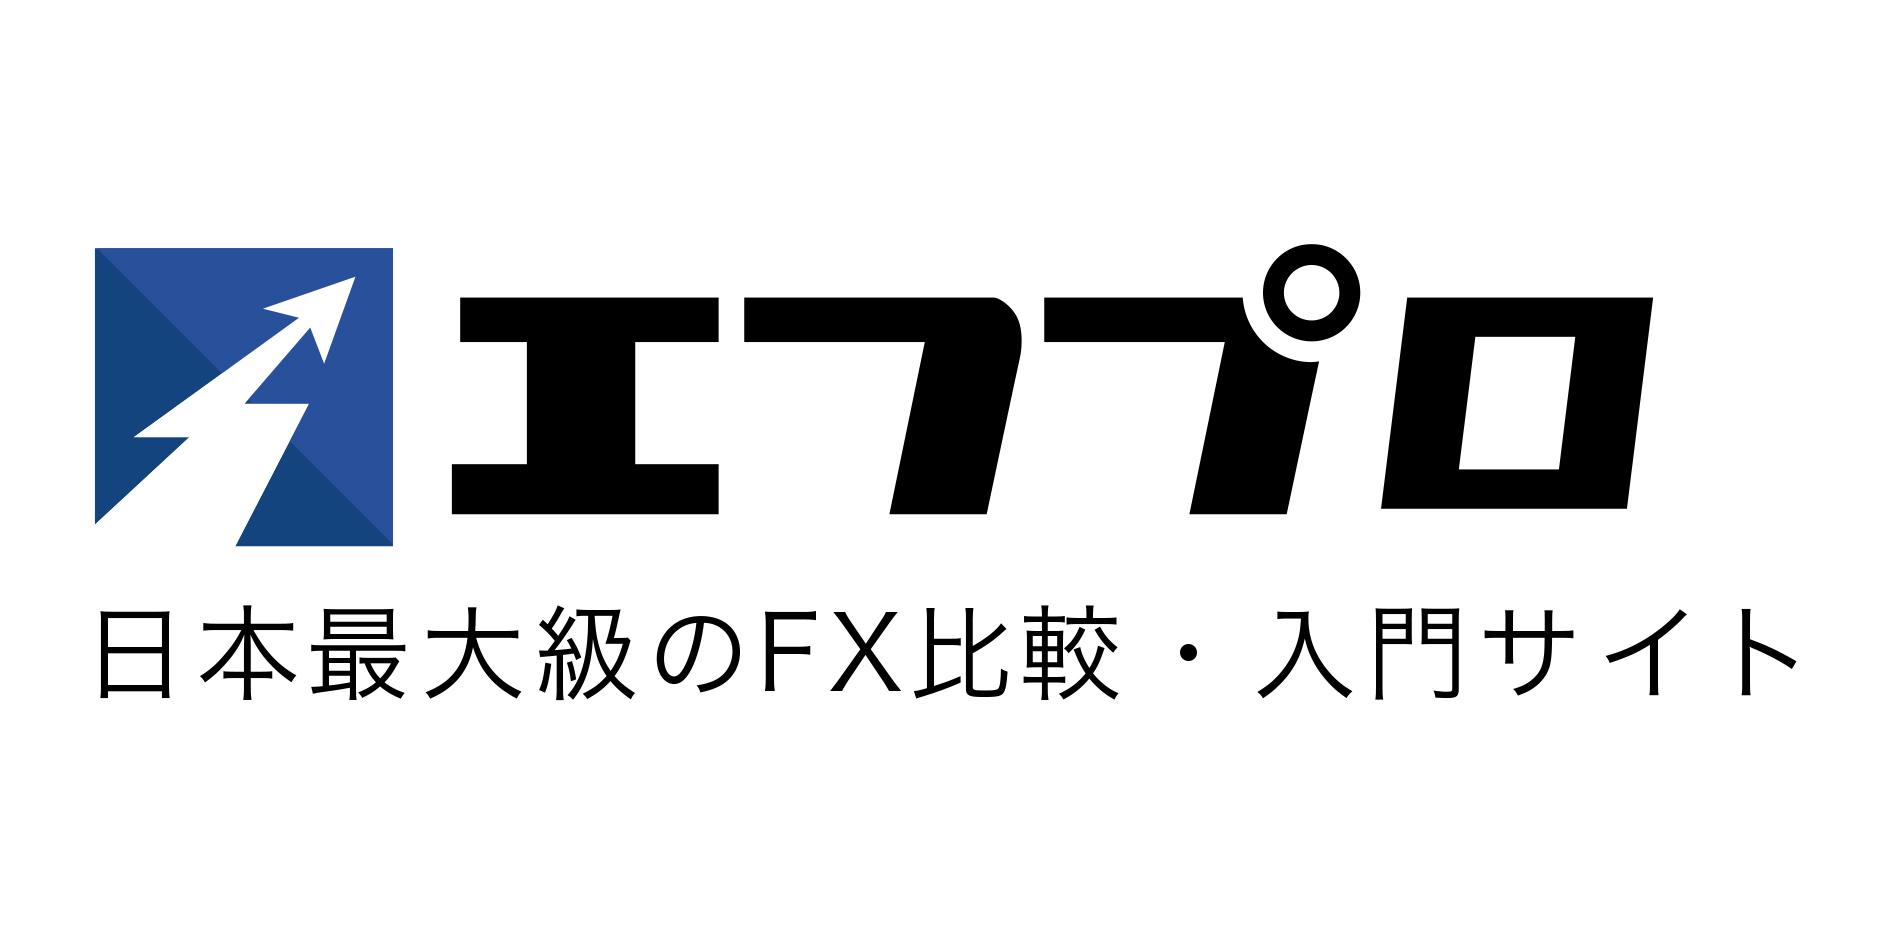 エフプロ様のロゴ